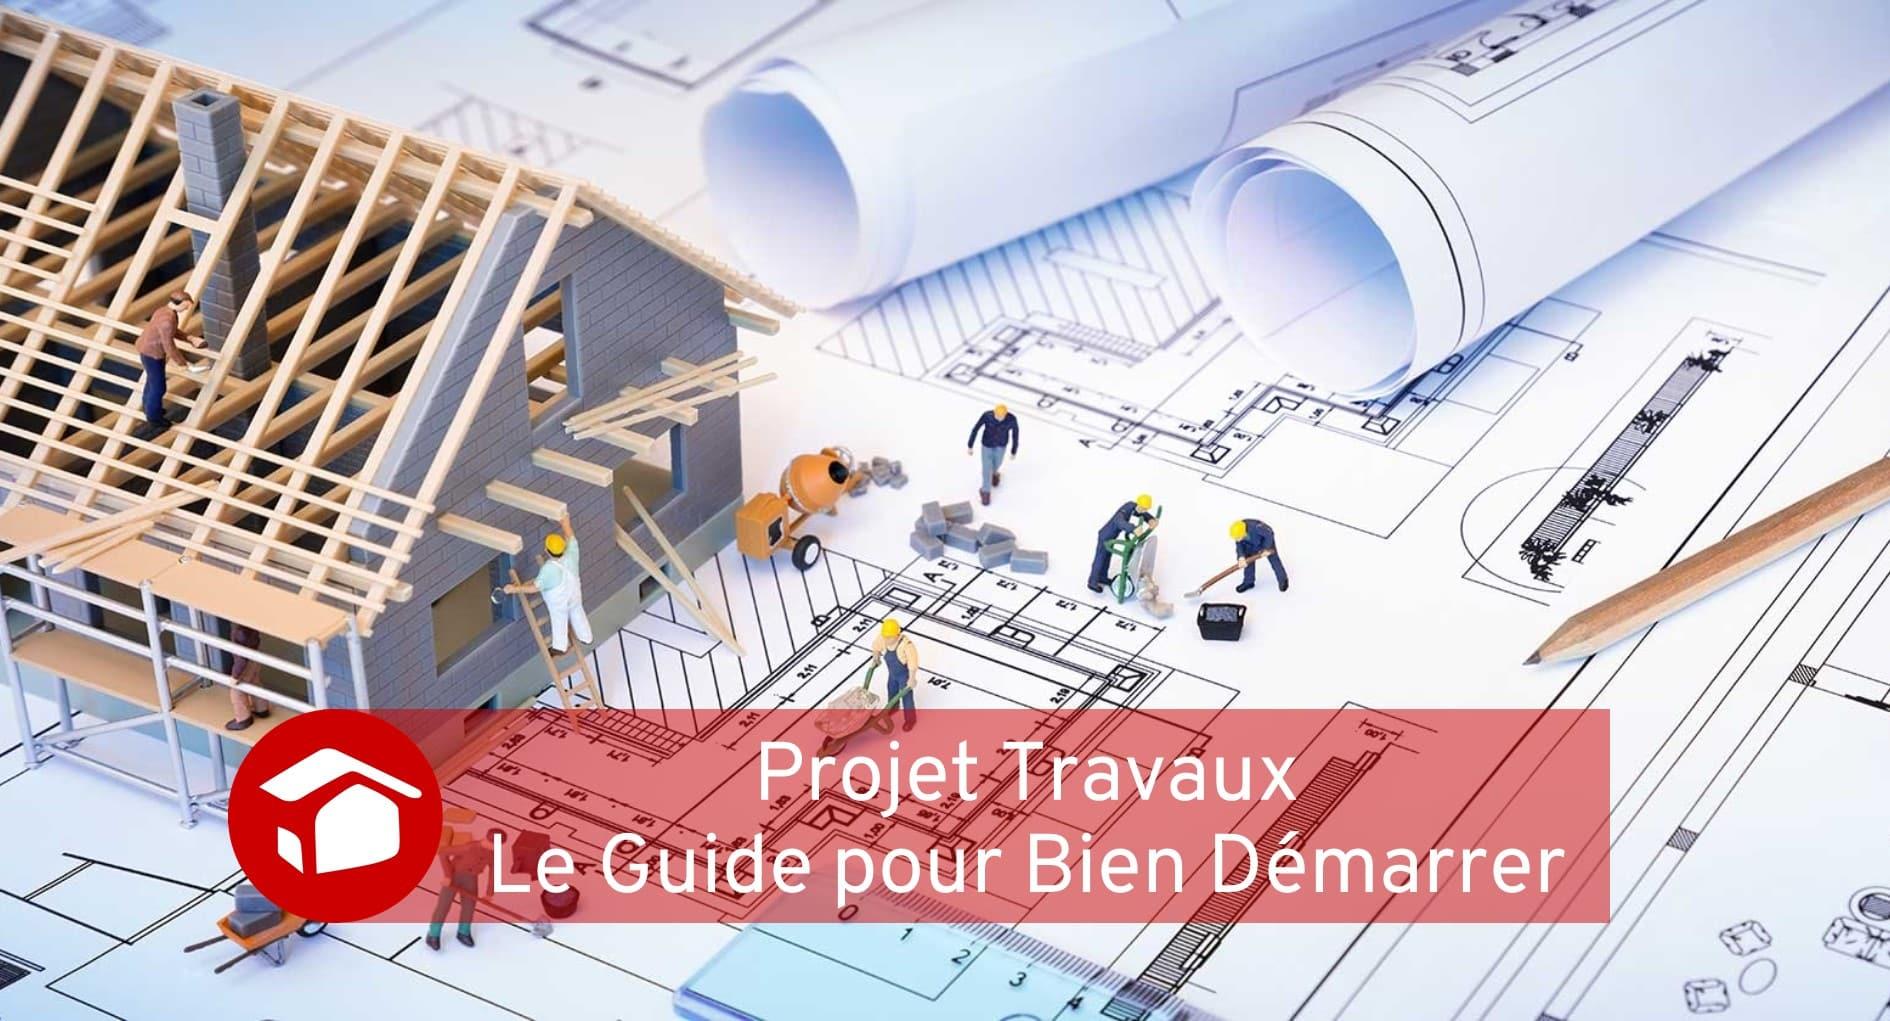 Projet Travaux le Guide Courtier Travaux Meilleur Projet